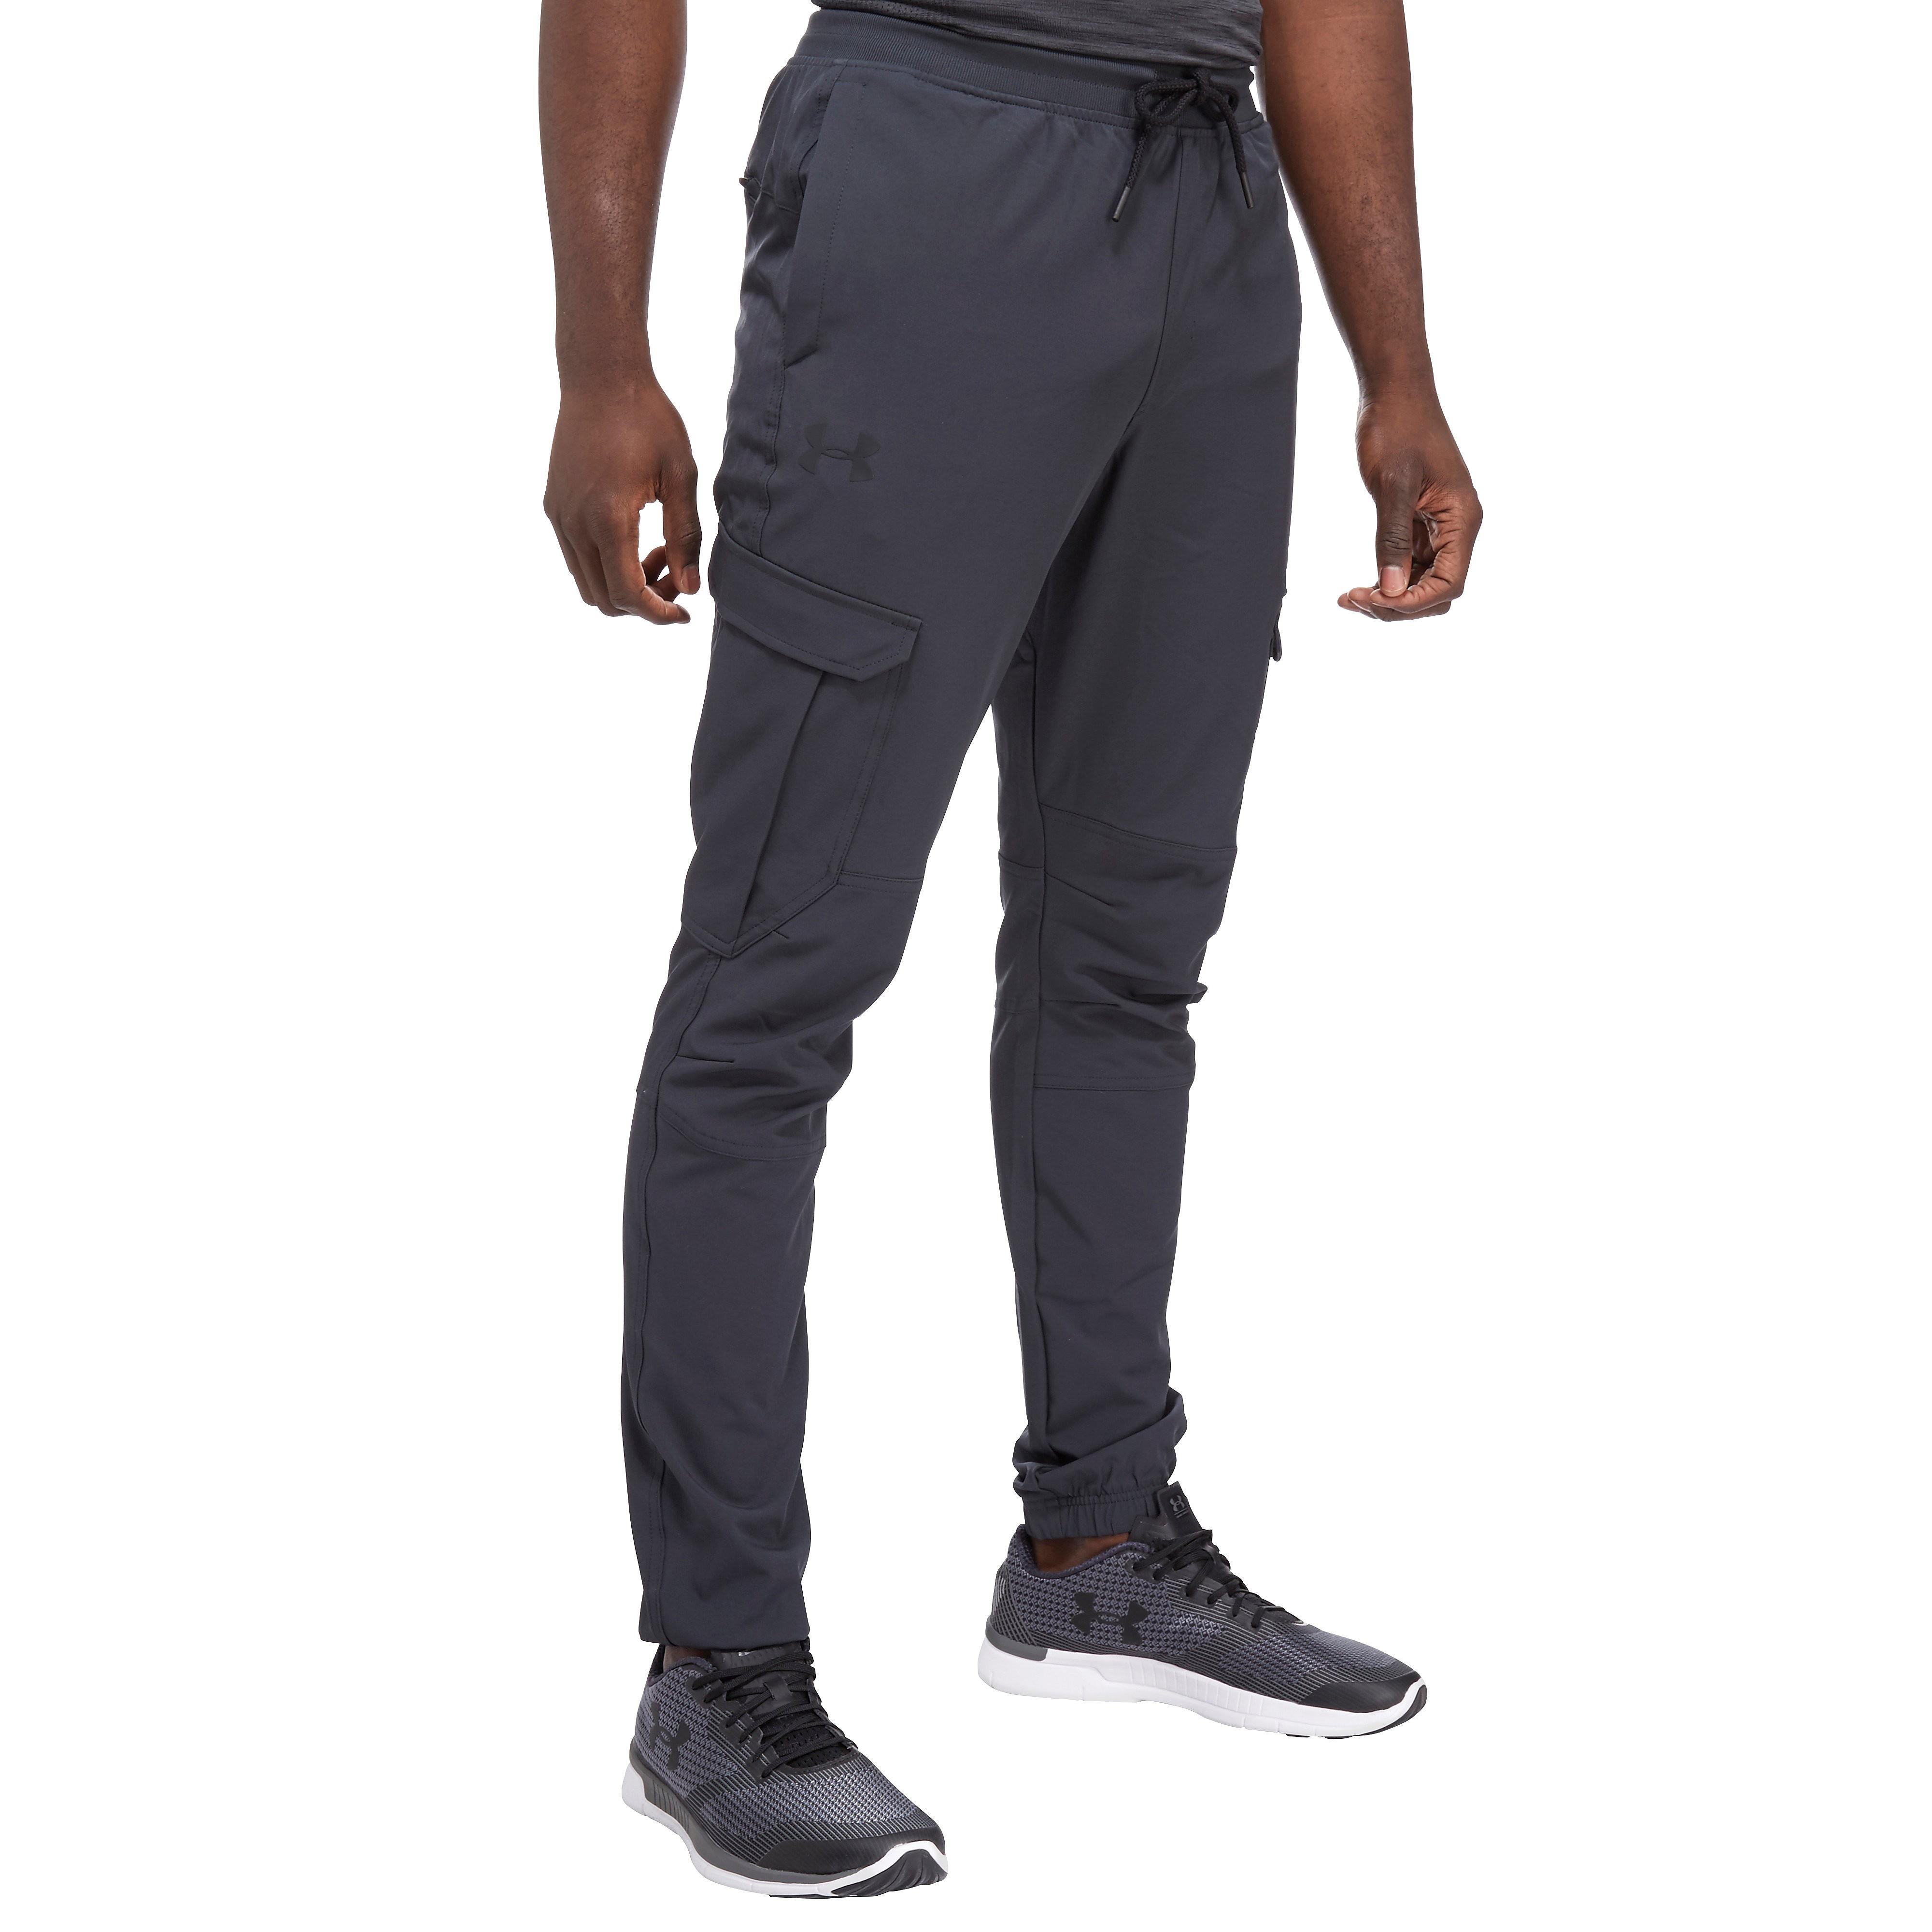 Under Armour WG Men's Cargo Pants